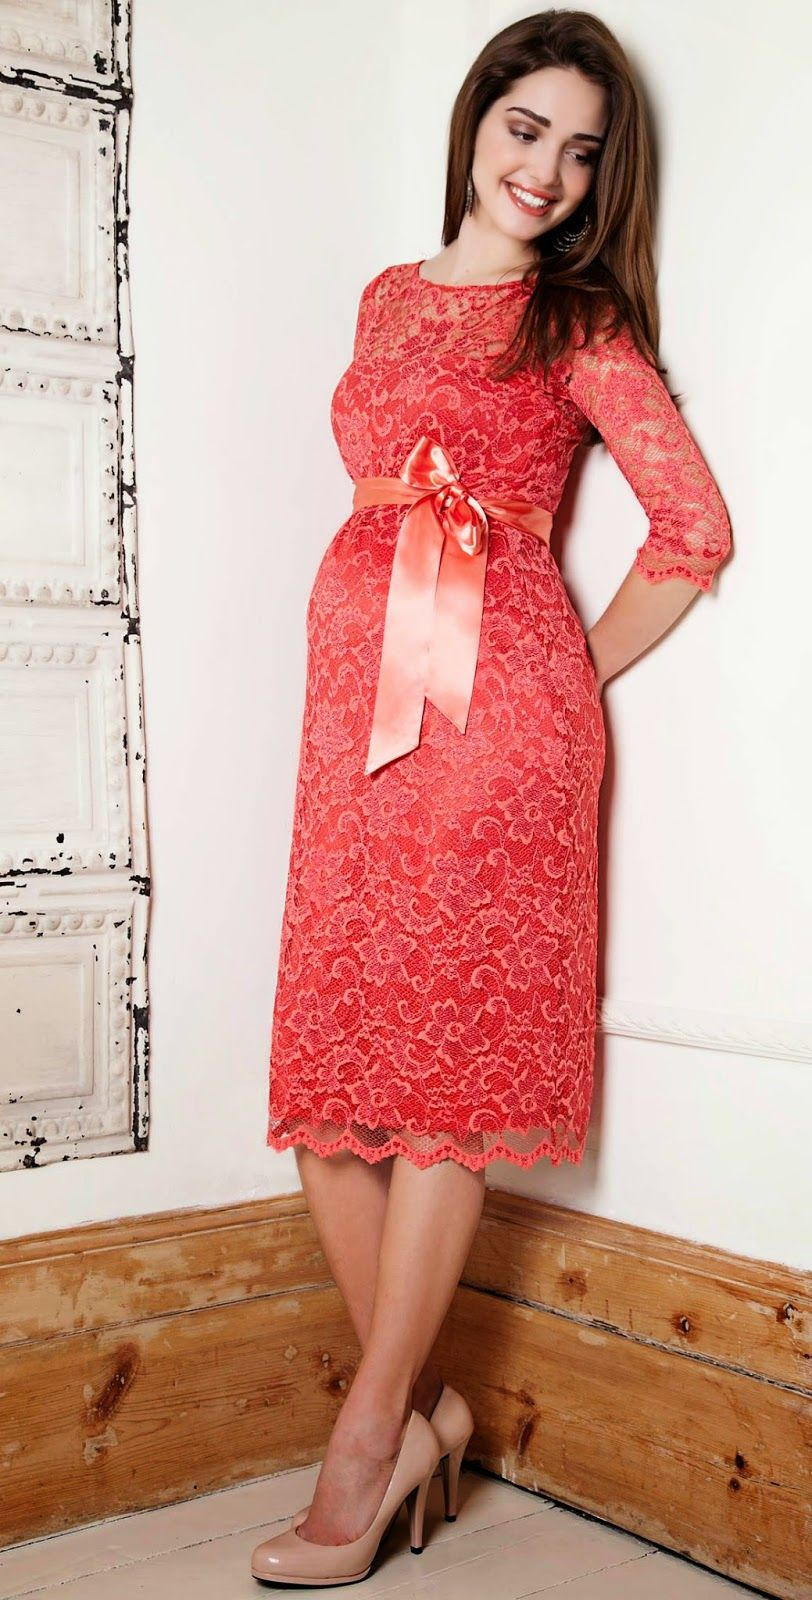 ddc4282a6 Alternativas de vestidos de fiesta para embarazadas